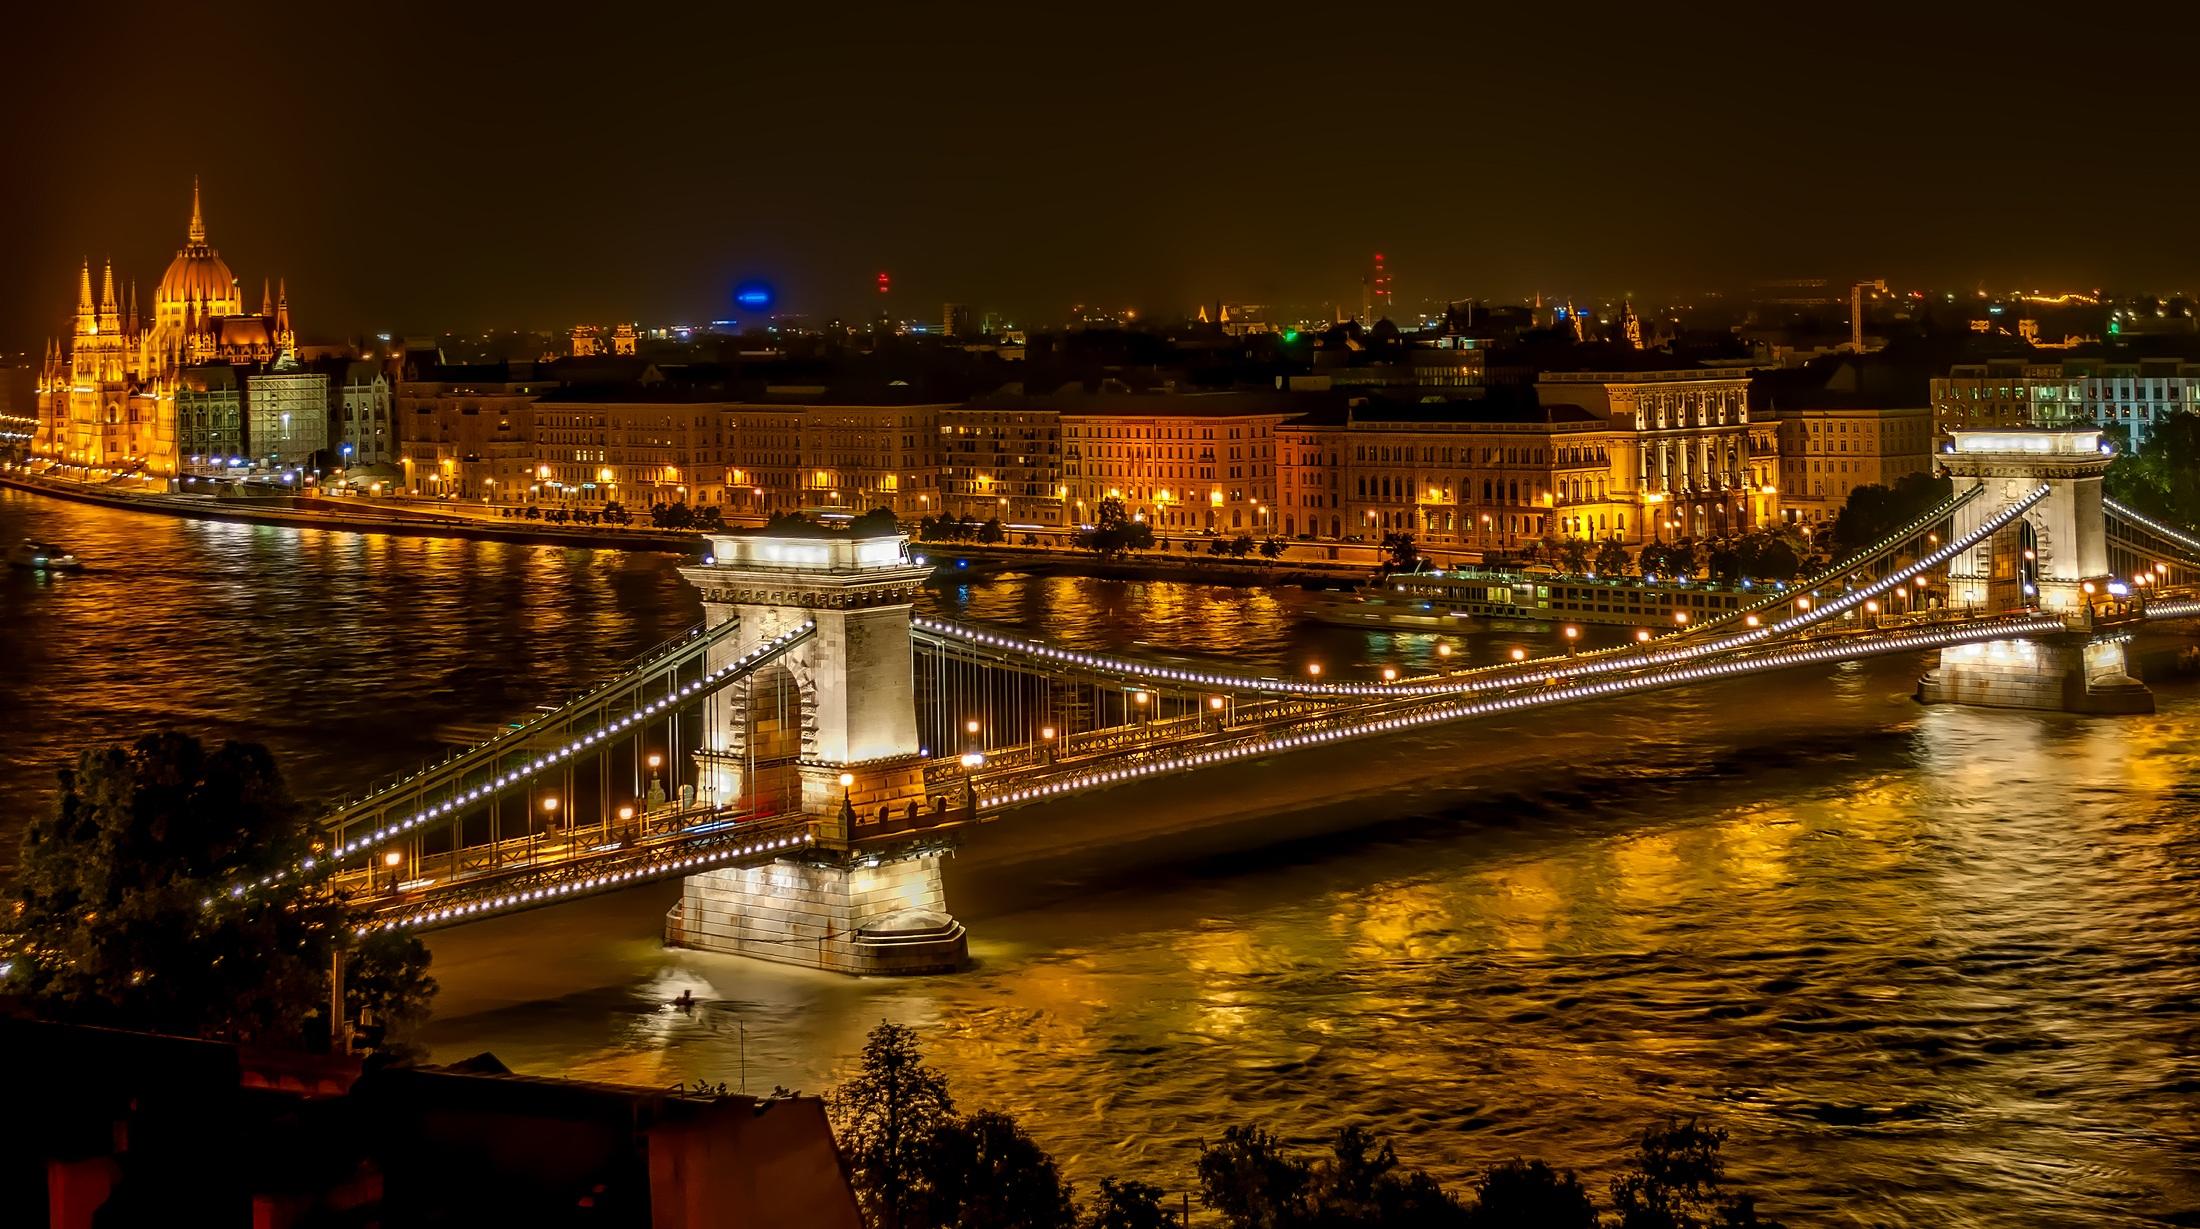 szechenyi-chain-bridge-1758196